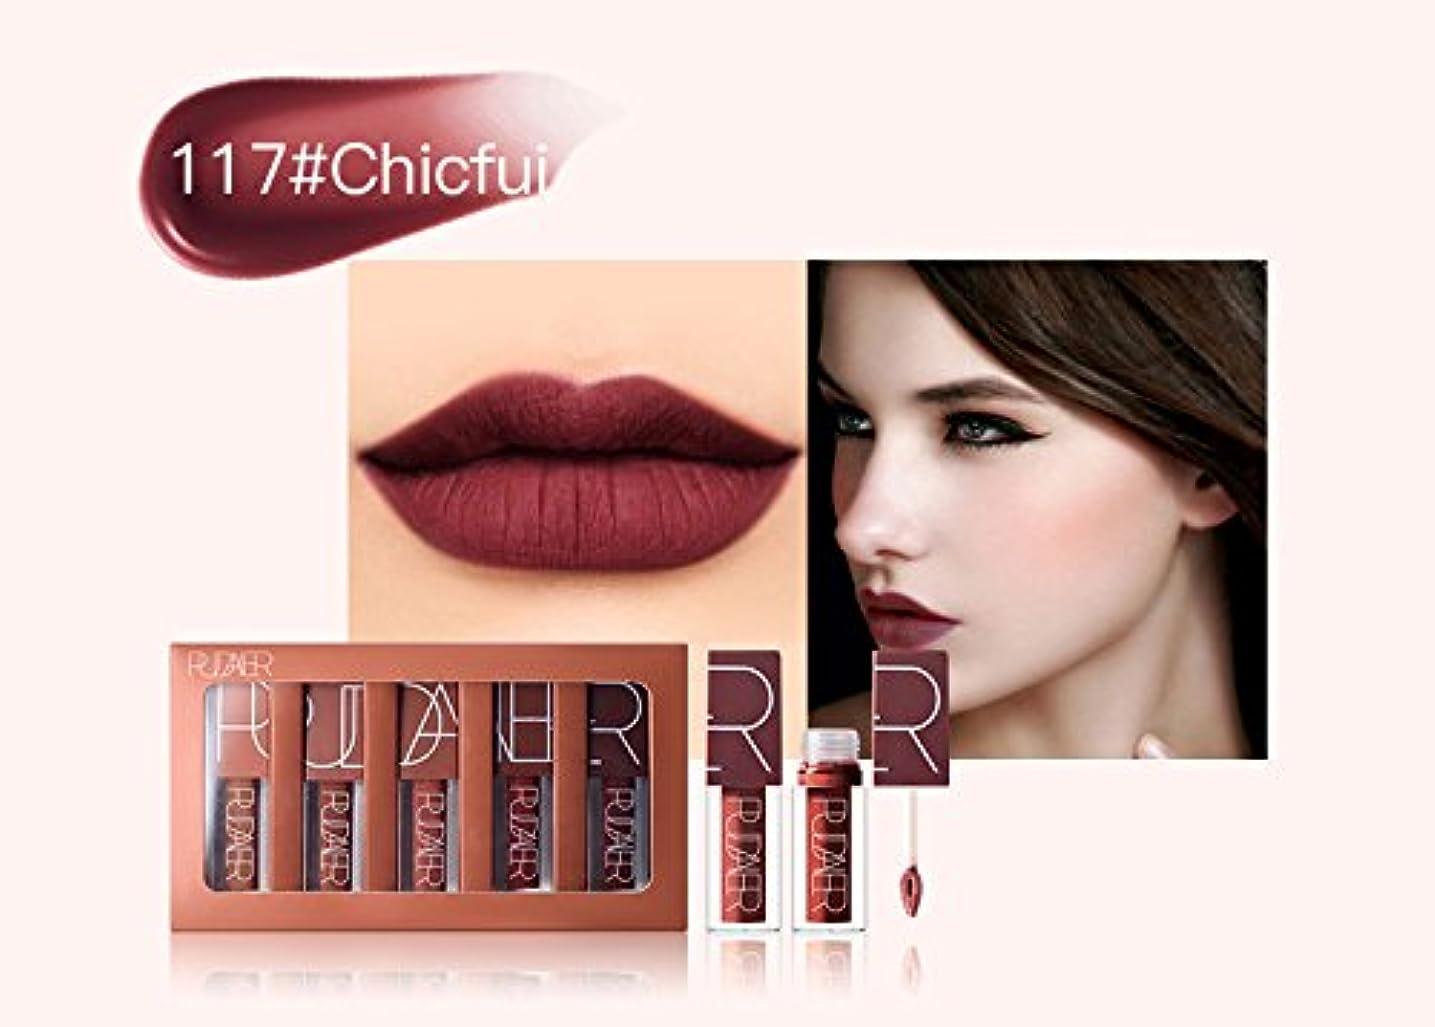 刺繍食品柔らかい足No #117 Hot Brand Long Lasting Velvet Lips Tint Liquid Lipstick Matte Beauty Cosmetics Sexy Nude Pigment Matte...